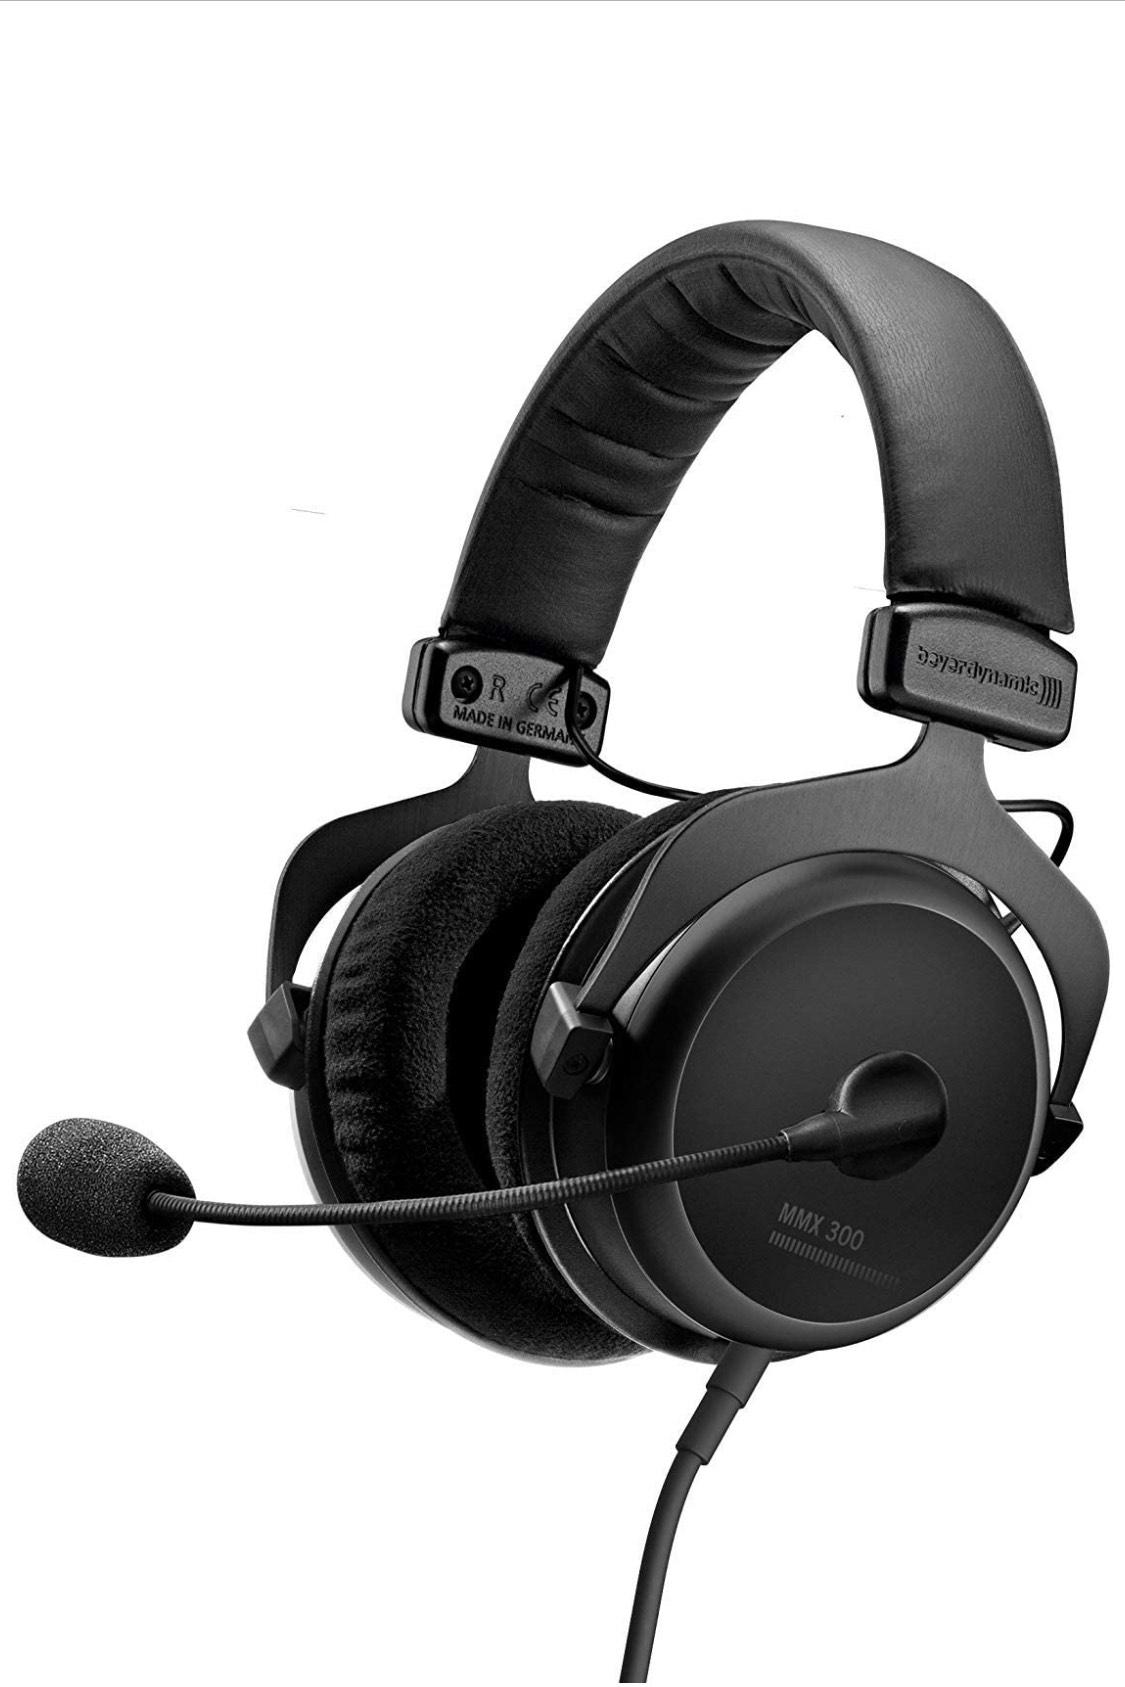 [B-Ware] beyerdynamic MMX 300 Premium Gaming Headset